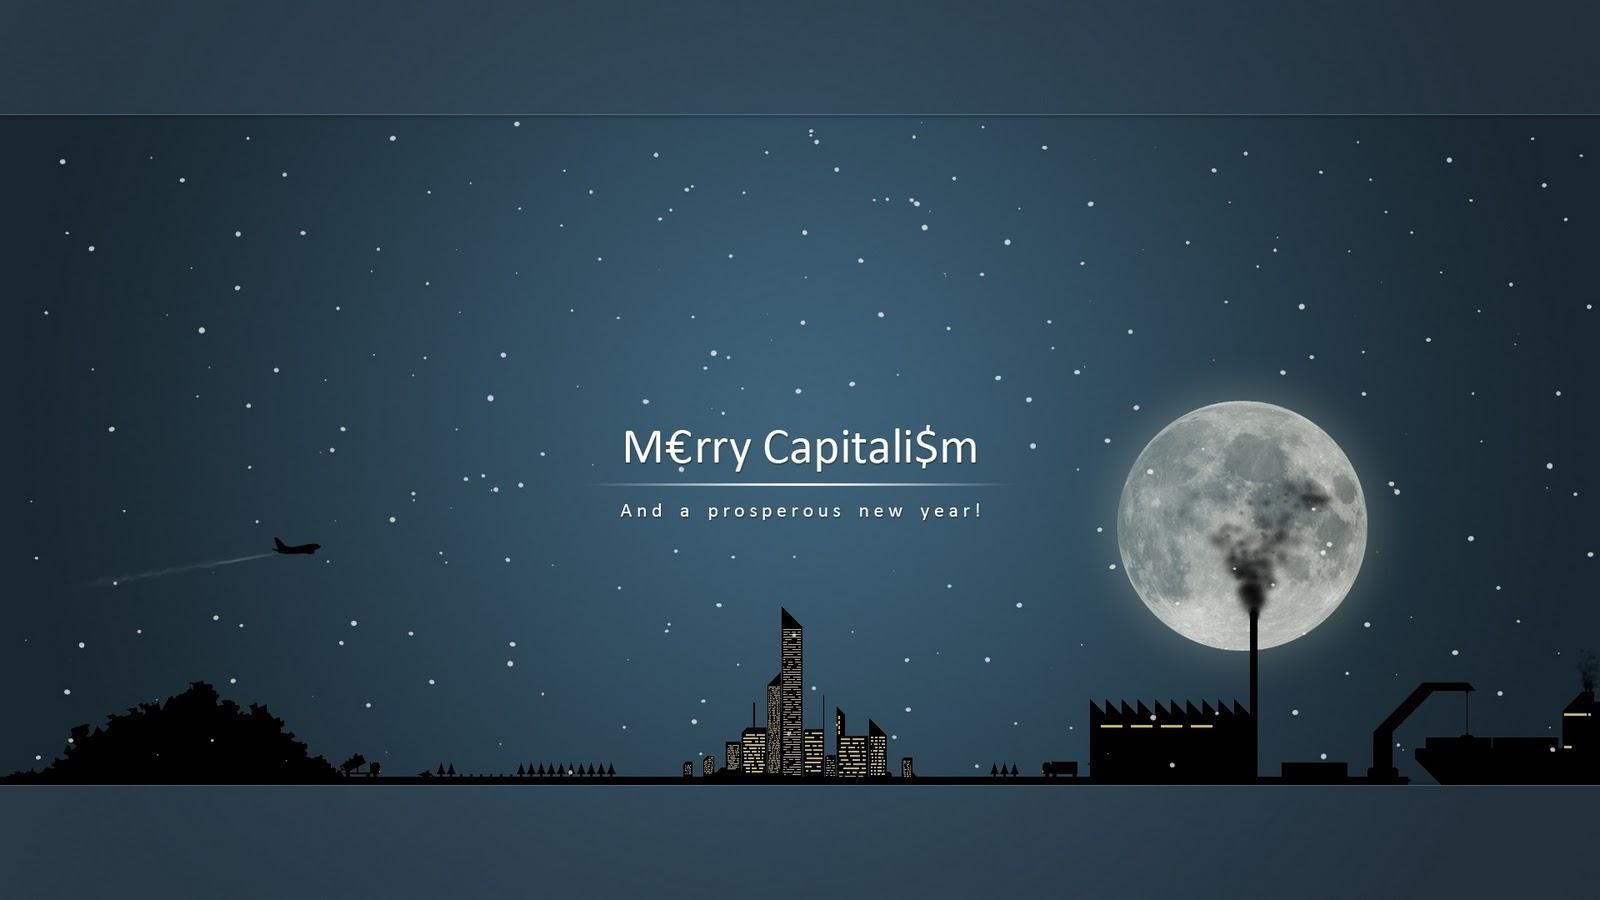 http://1.bp.blogspot.com/-uoBGr9wet9s/TuoIvMwZF9I/AAAAAAAAFfA/WIdscyHmFR4/s1600/merry_capitalism-1920x1080.jpg